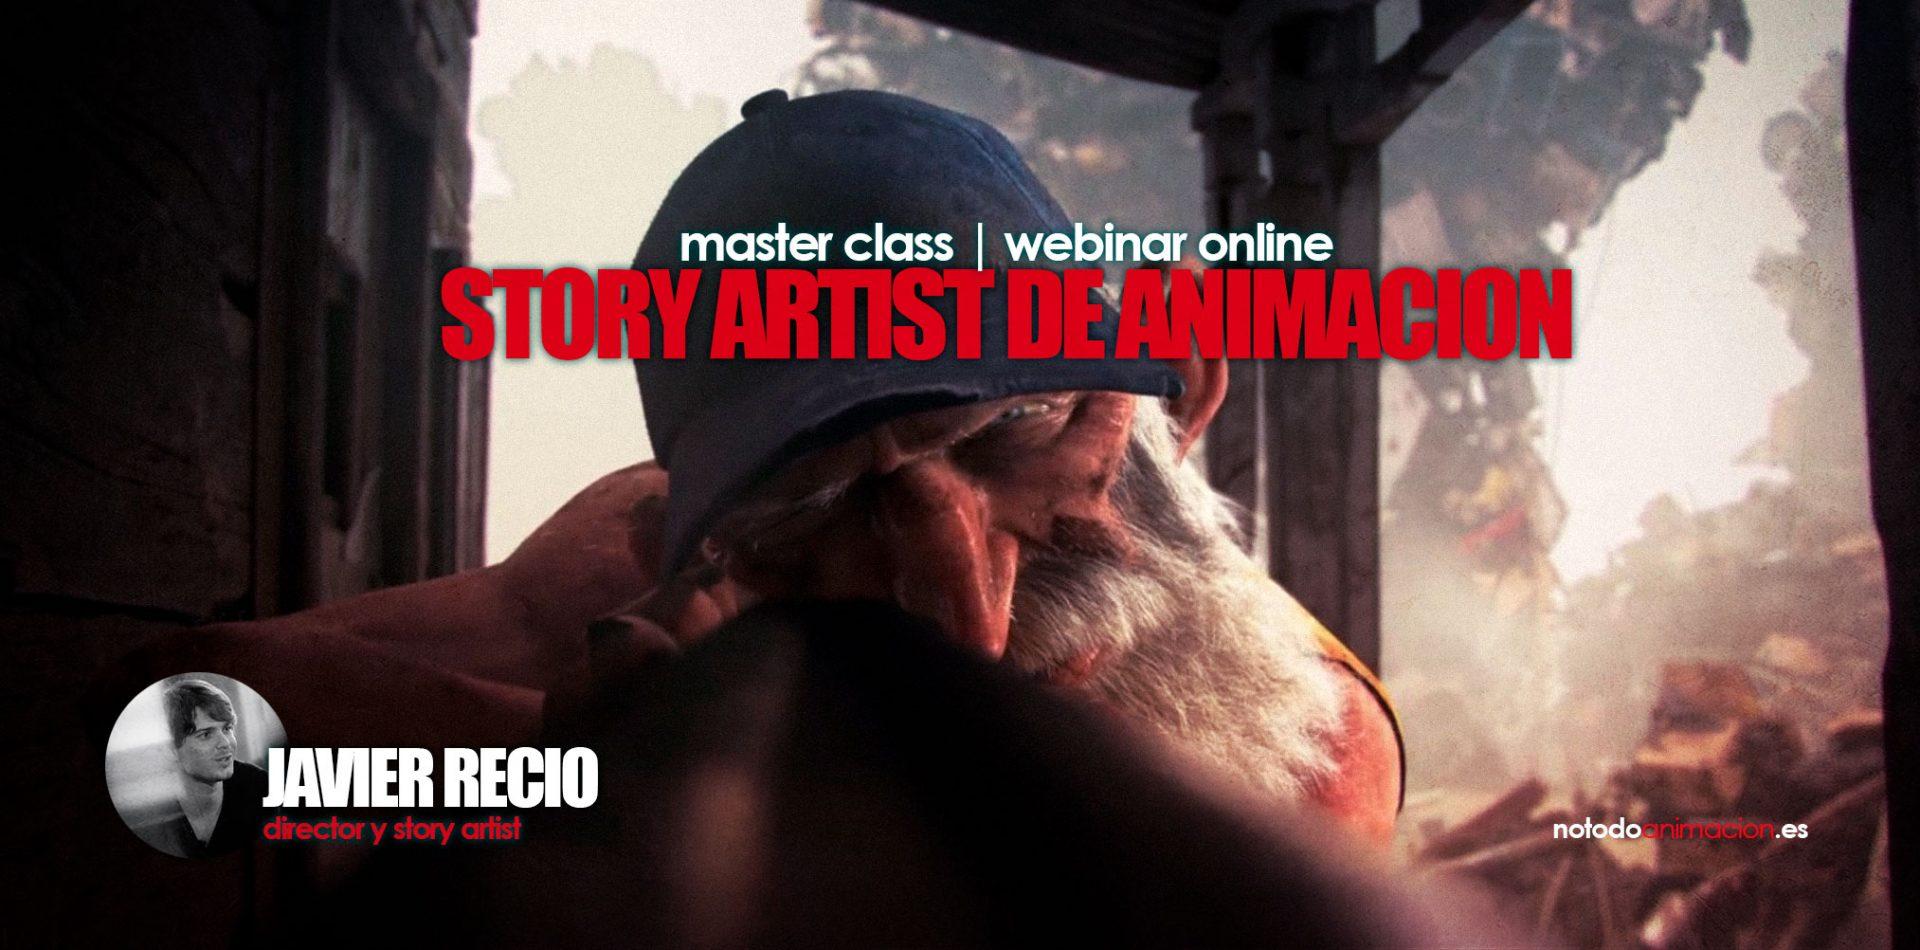 webinar online storyboard